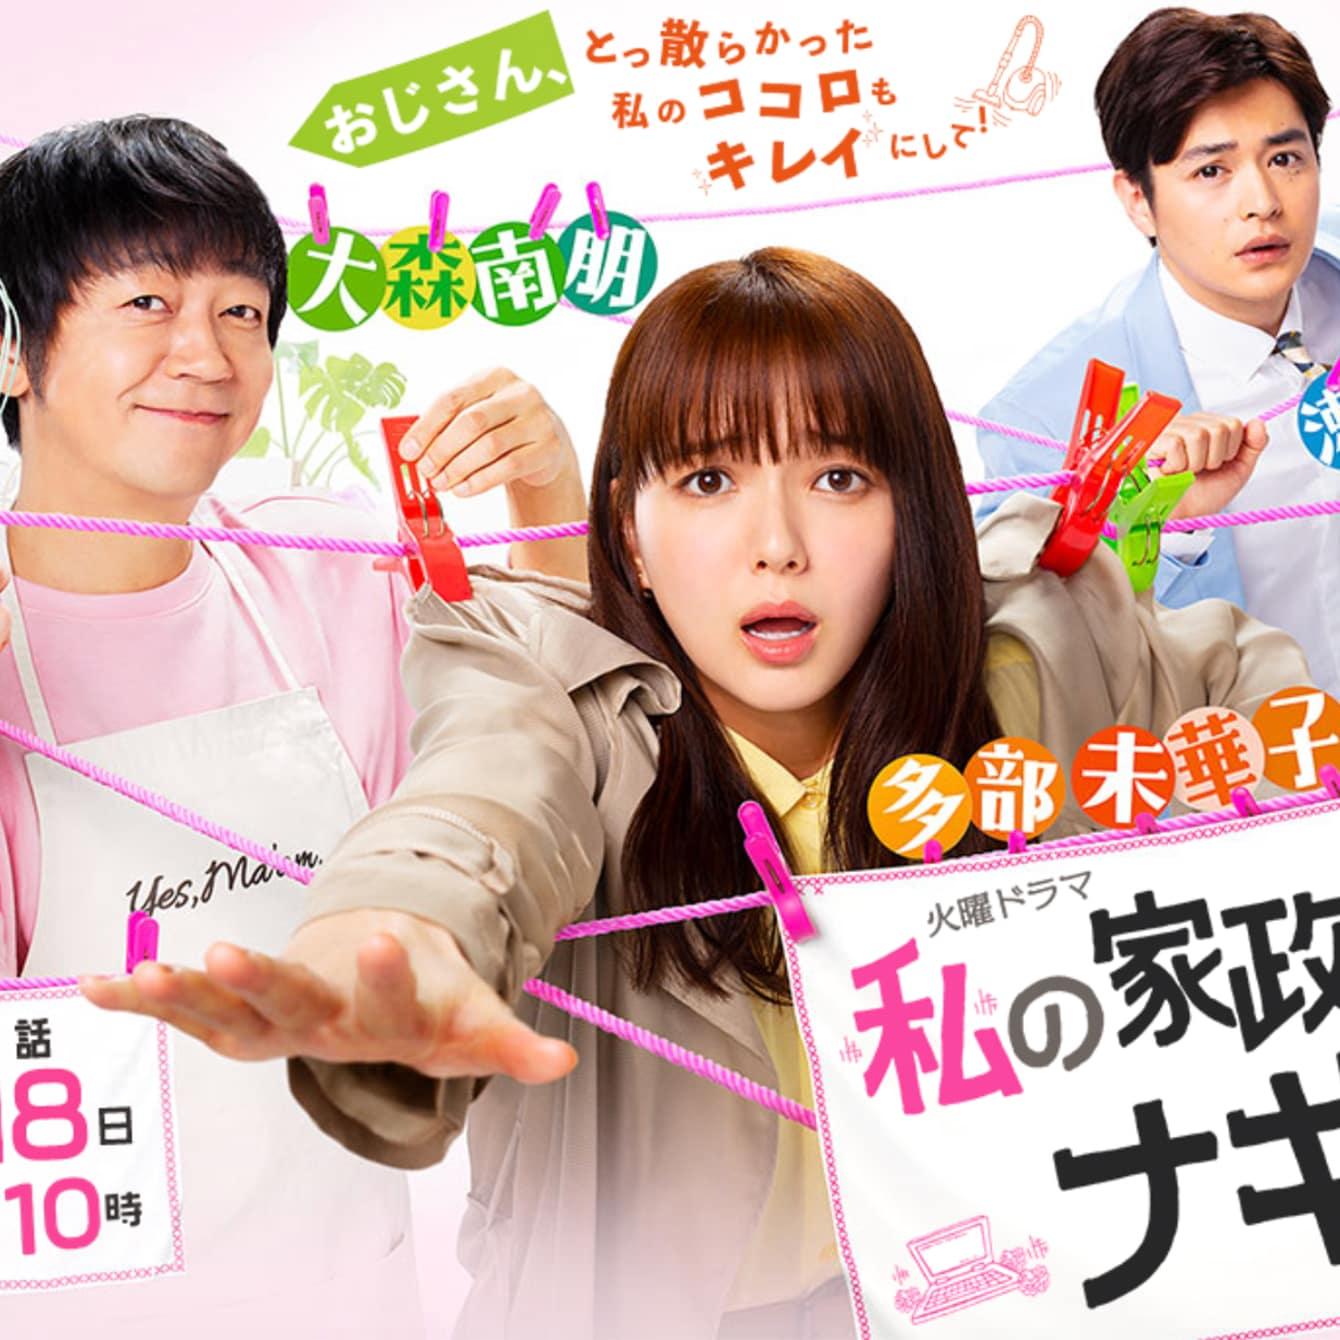 大森南朋の『ナギサさん』が第5話から視聴率急上昇した理由【祝!再放送】